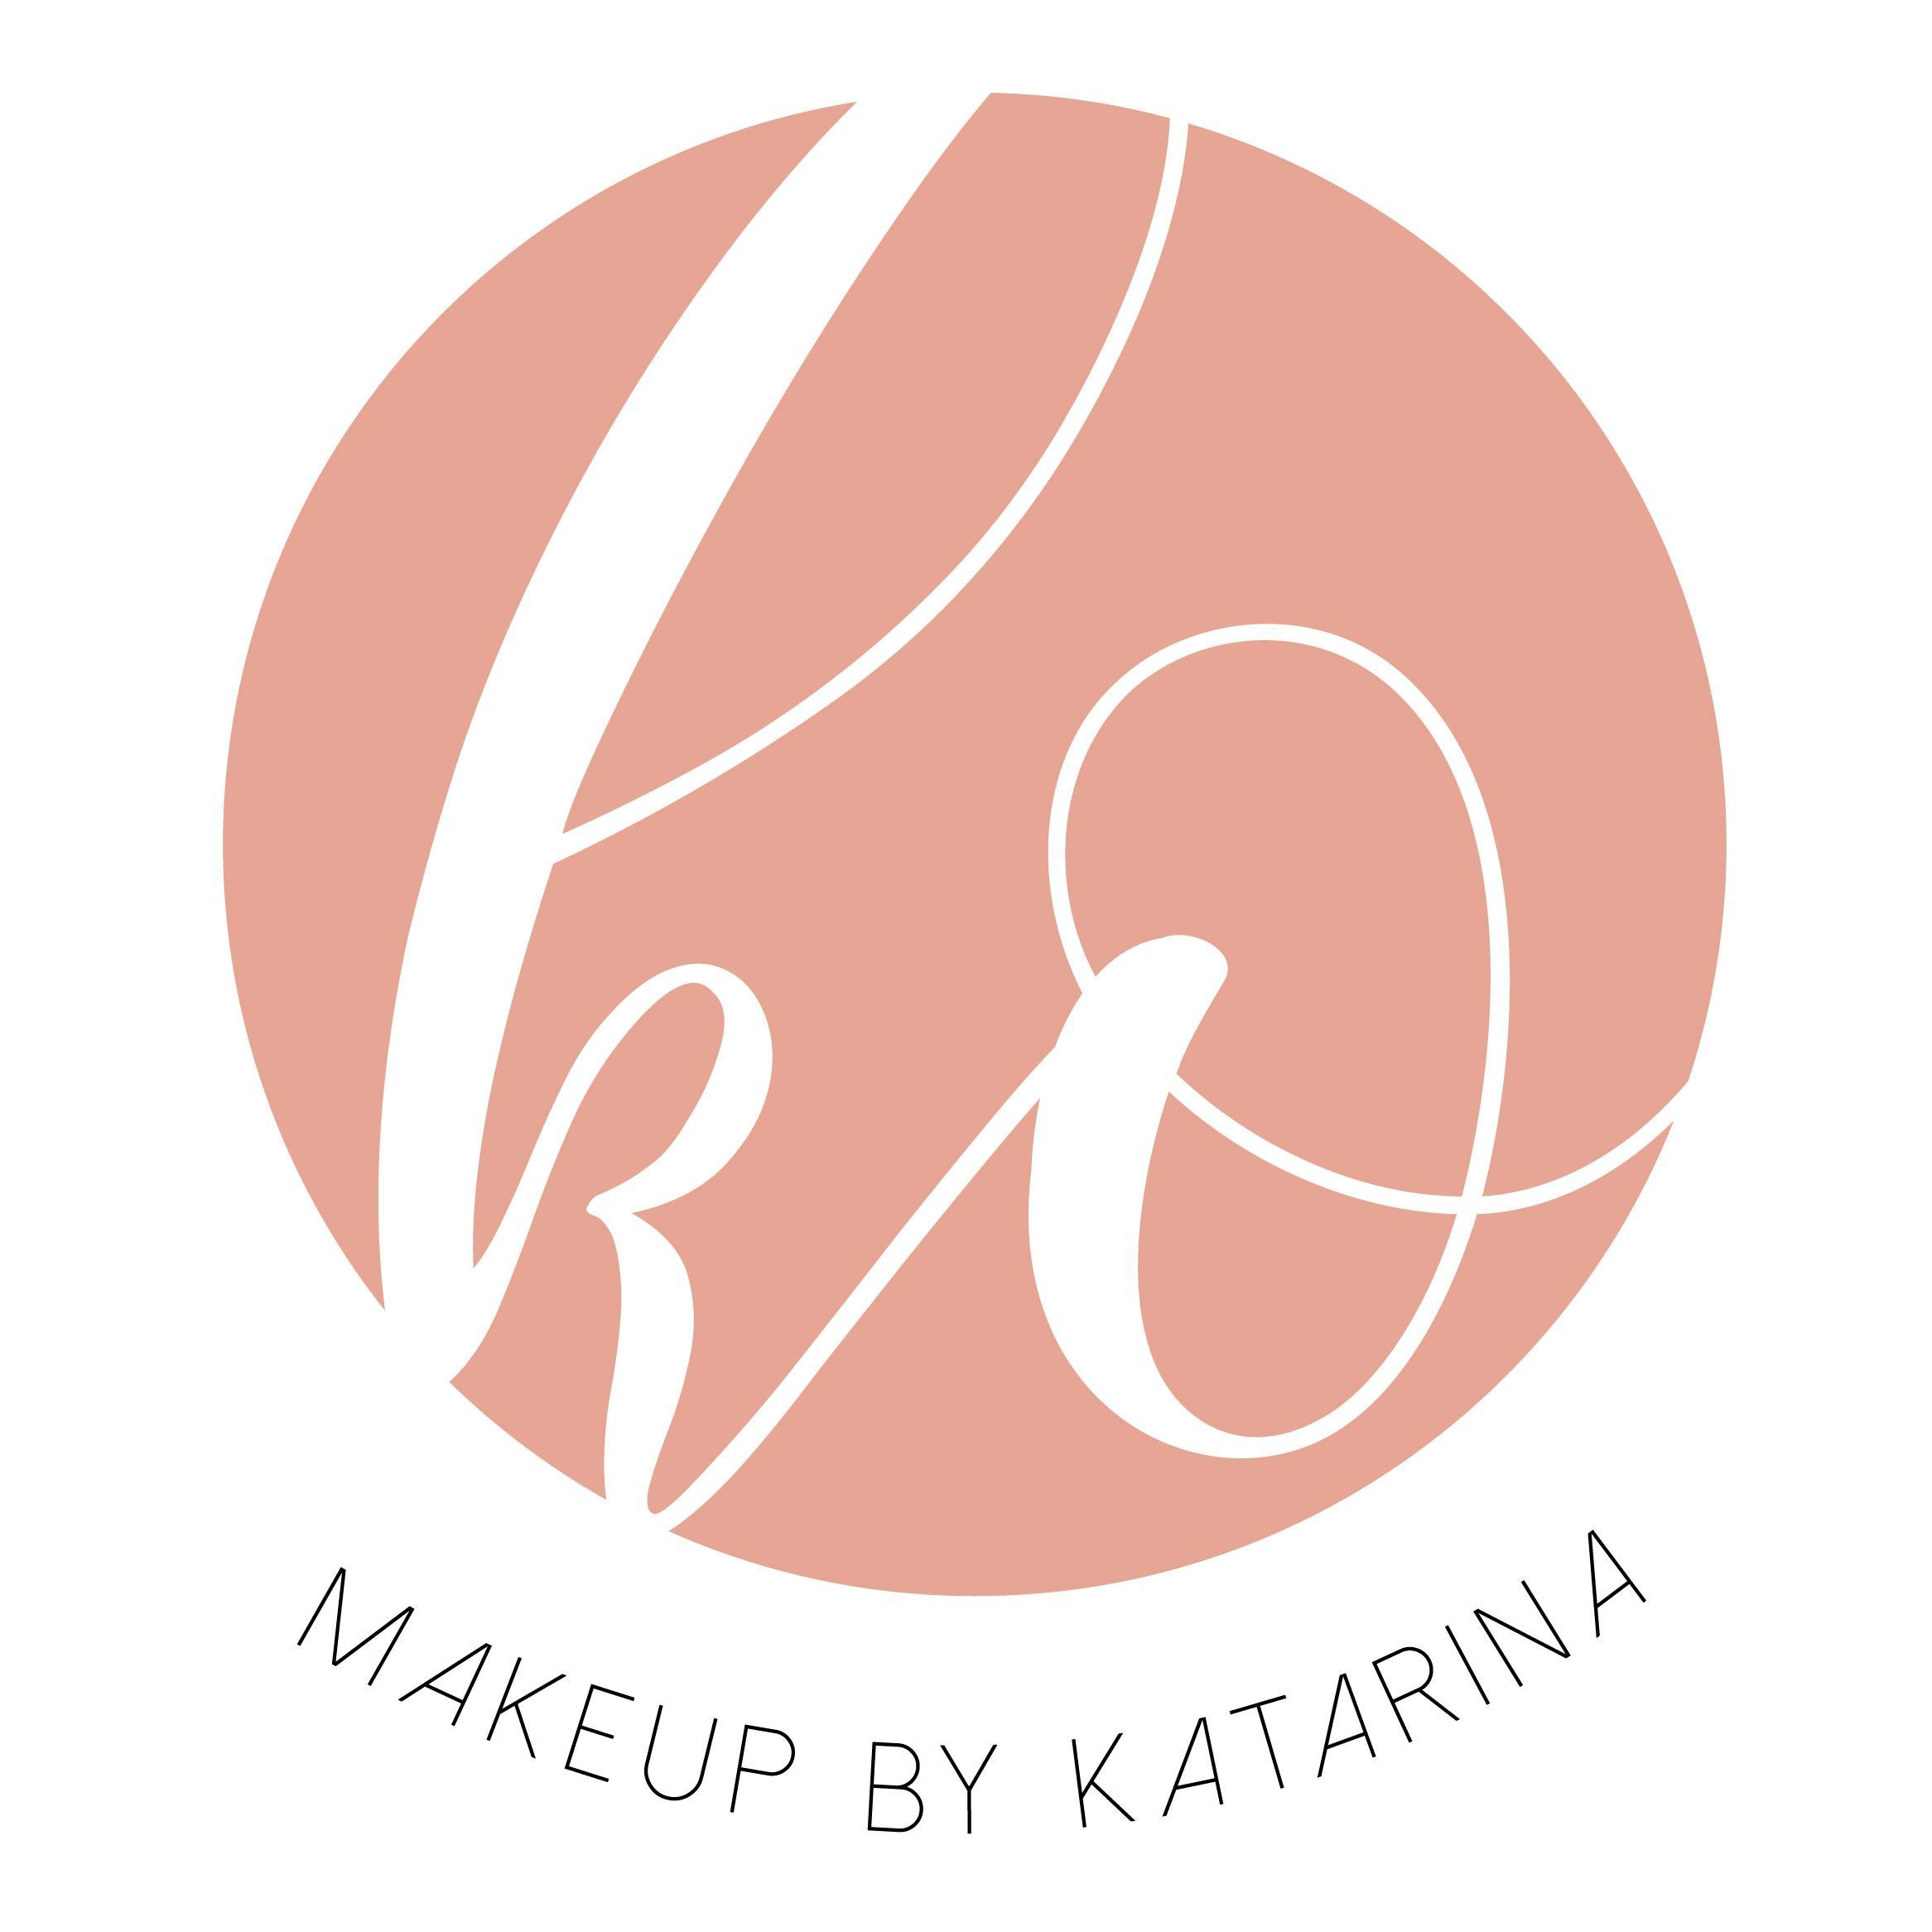 Makeup by Katarina